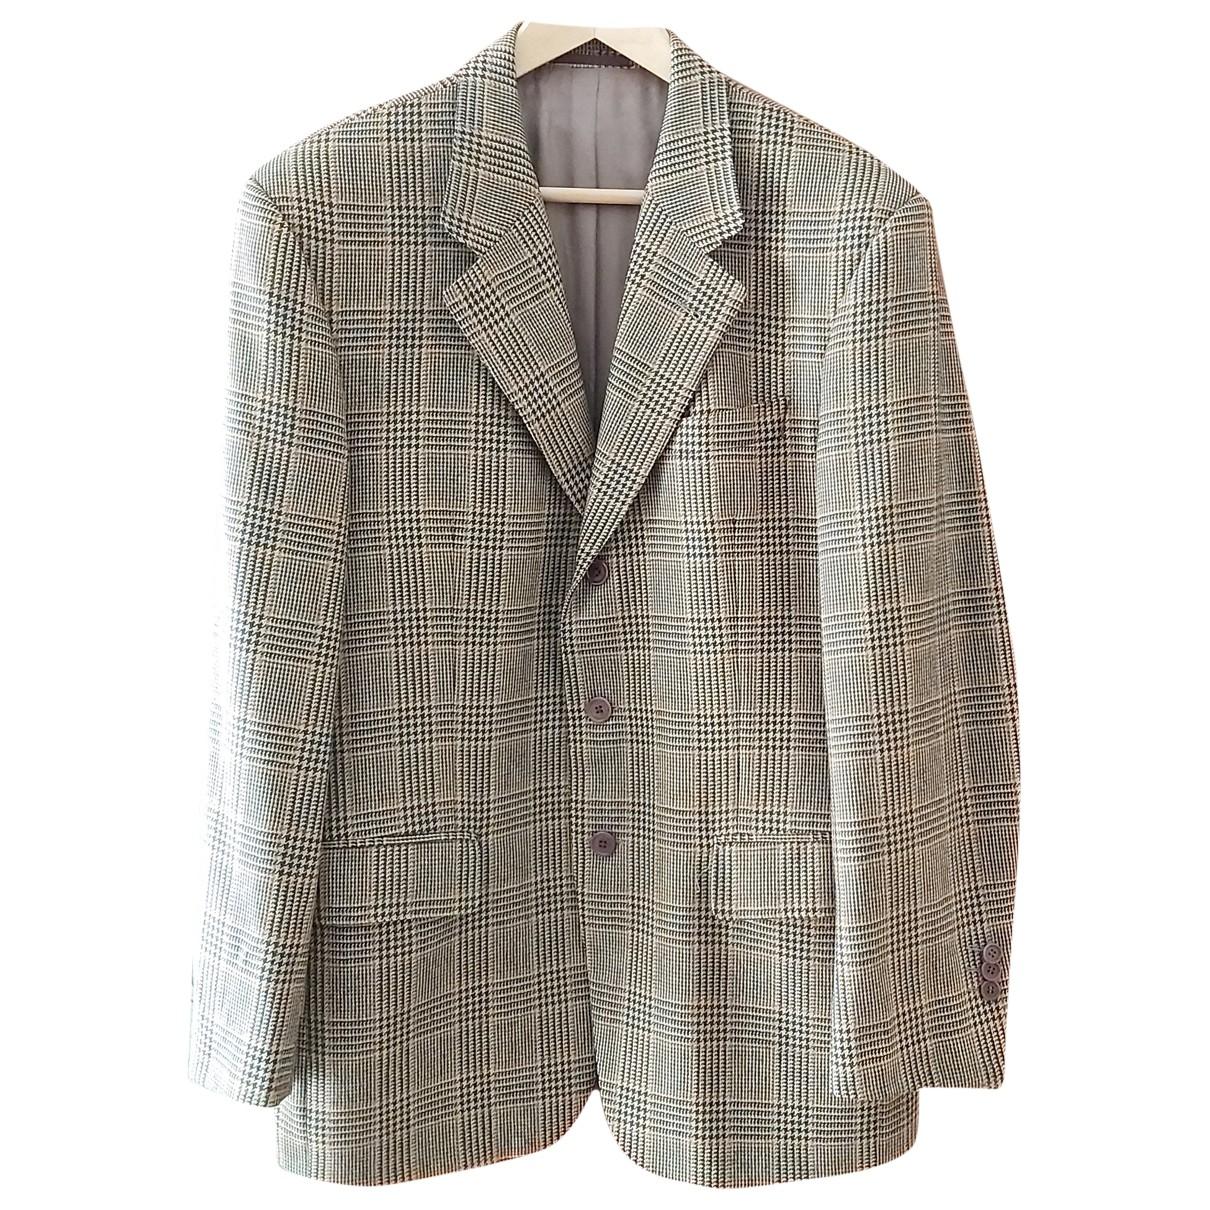 Burberry - Vestes.Blousons   pour homme en laine - multicolore